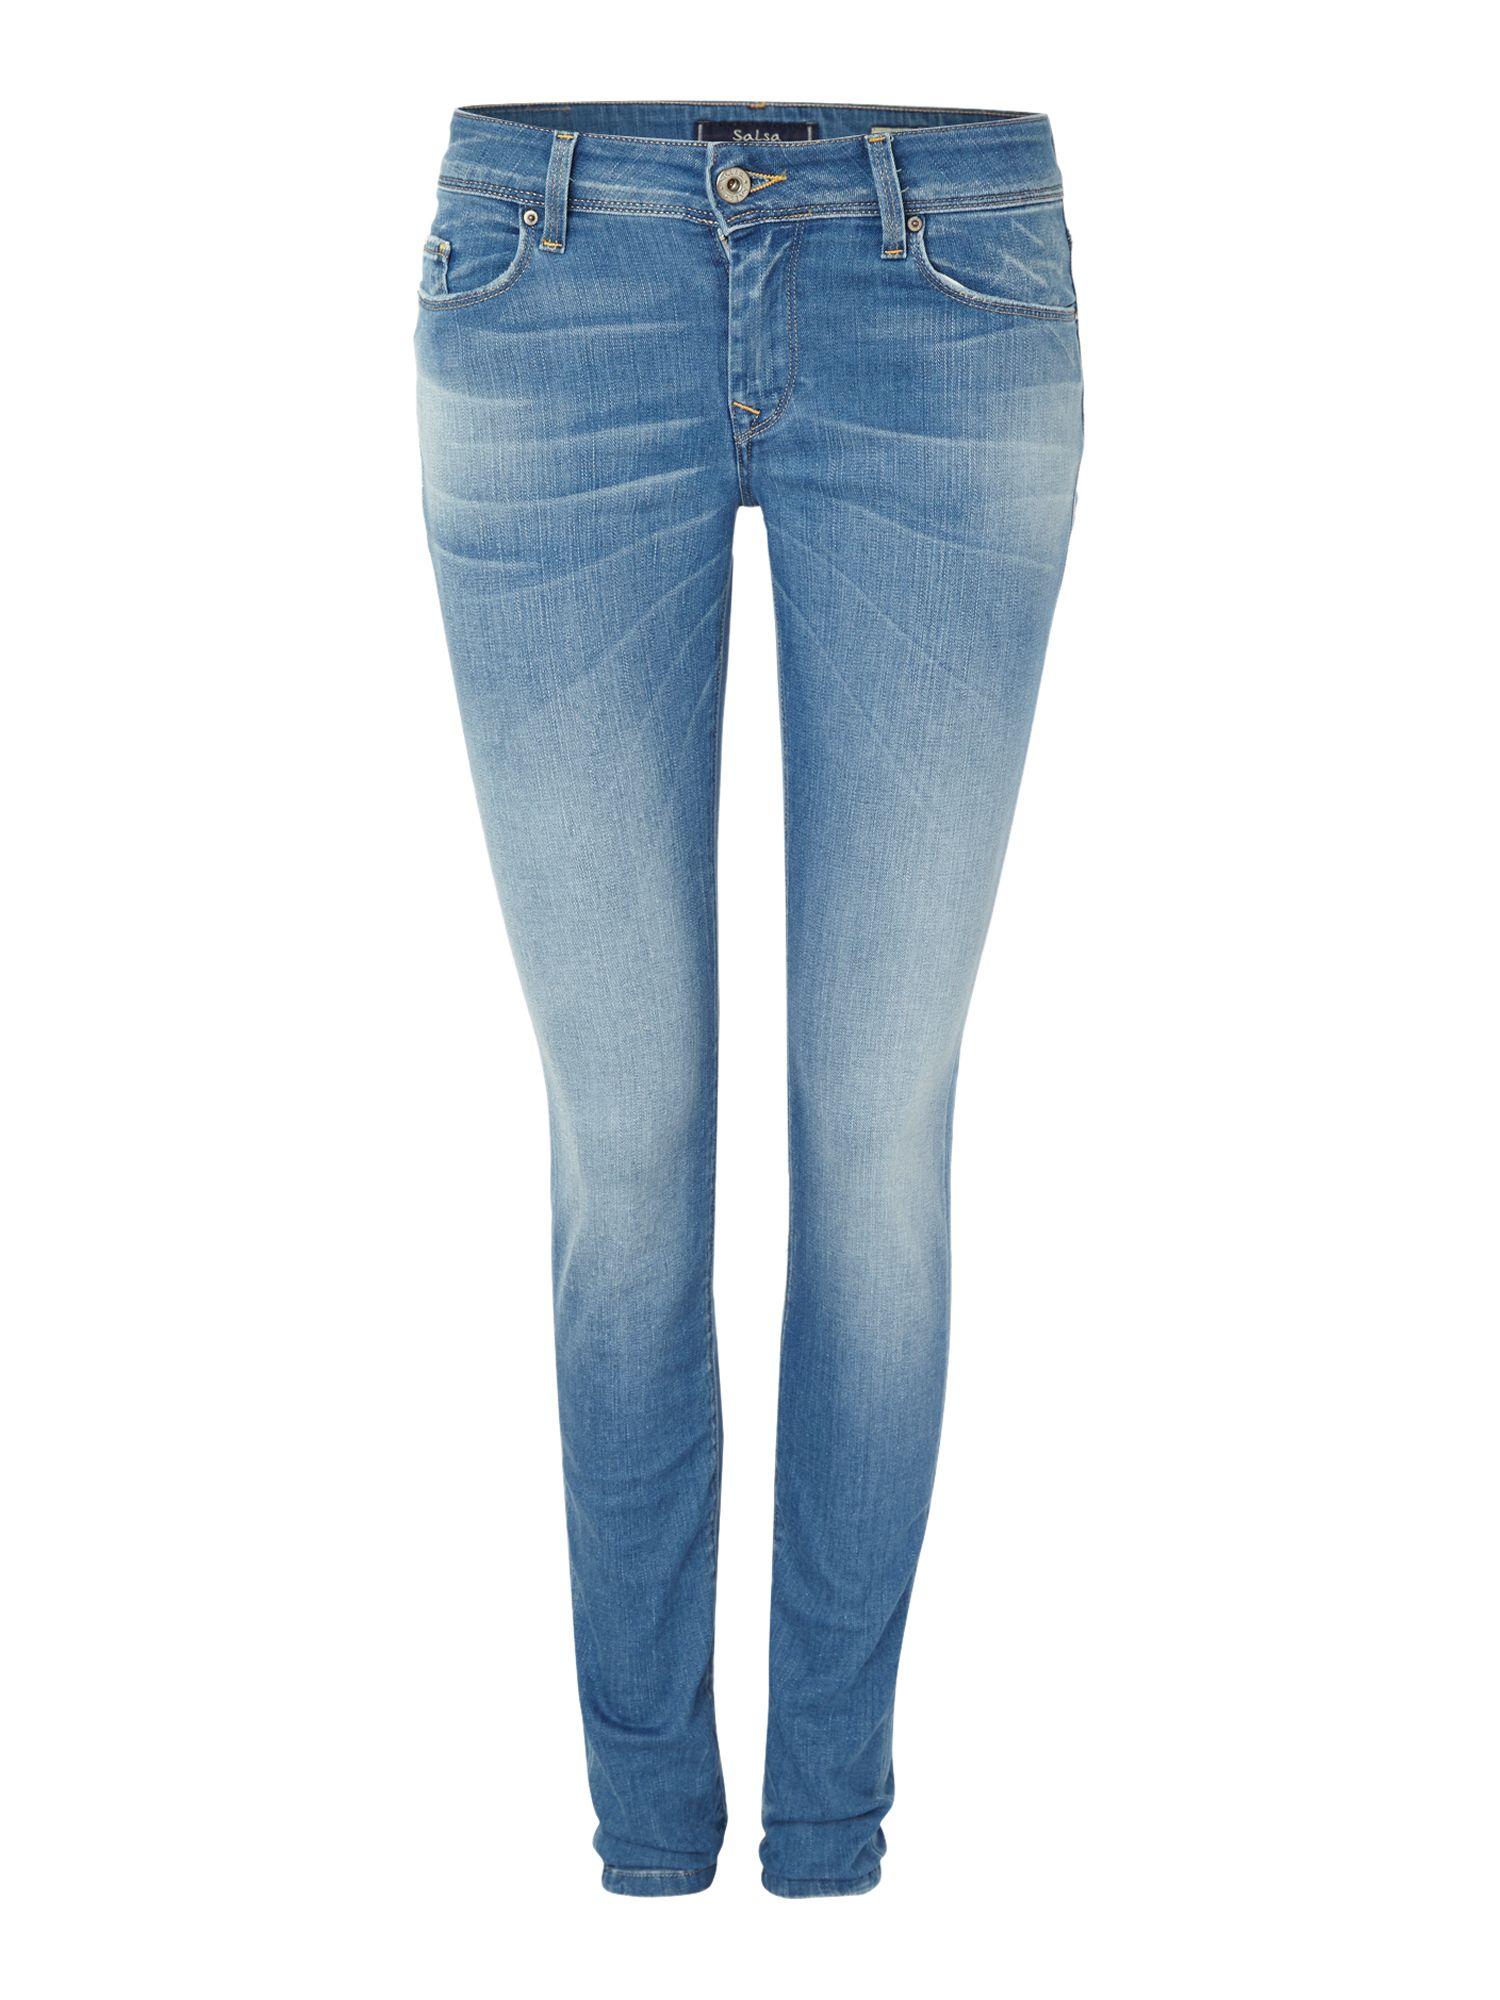 lyst salsa colette comfort skinny jean in light wash in blue. Black Bedroom Furniture Sets. Home Design Ideas